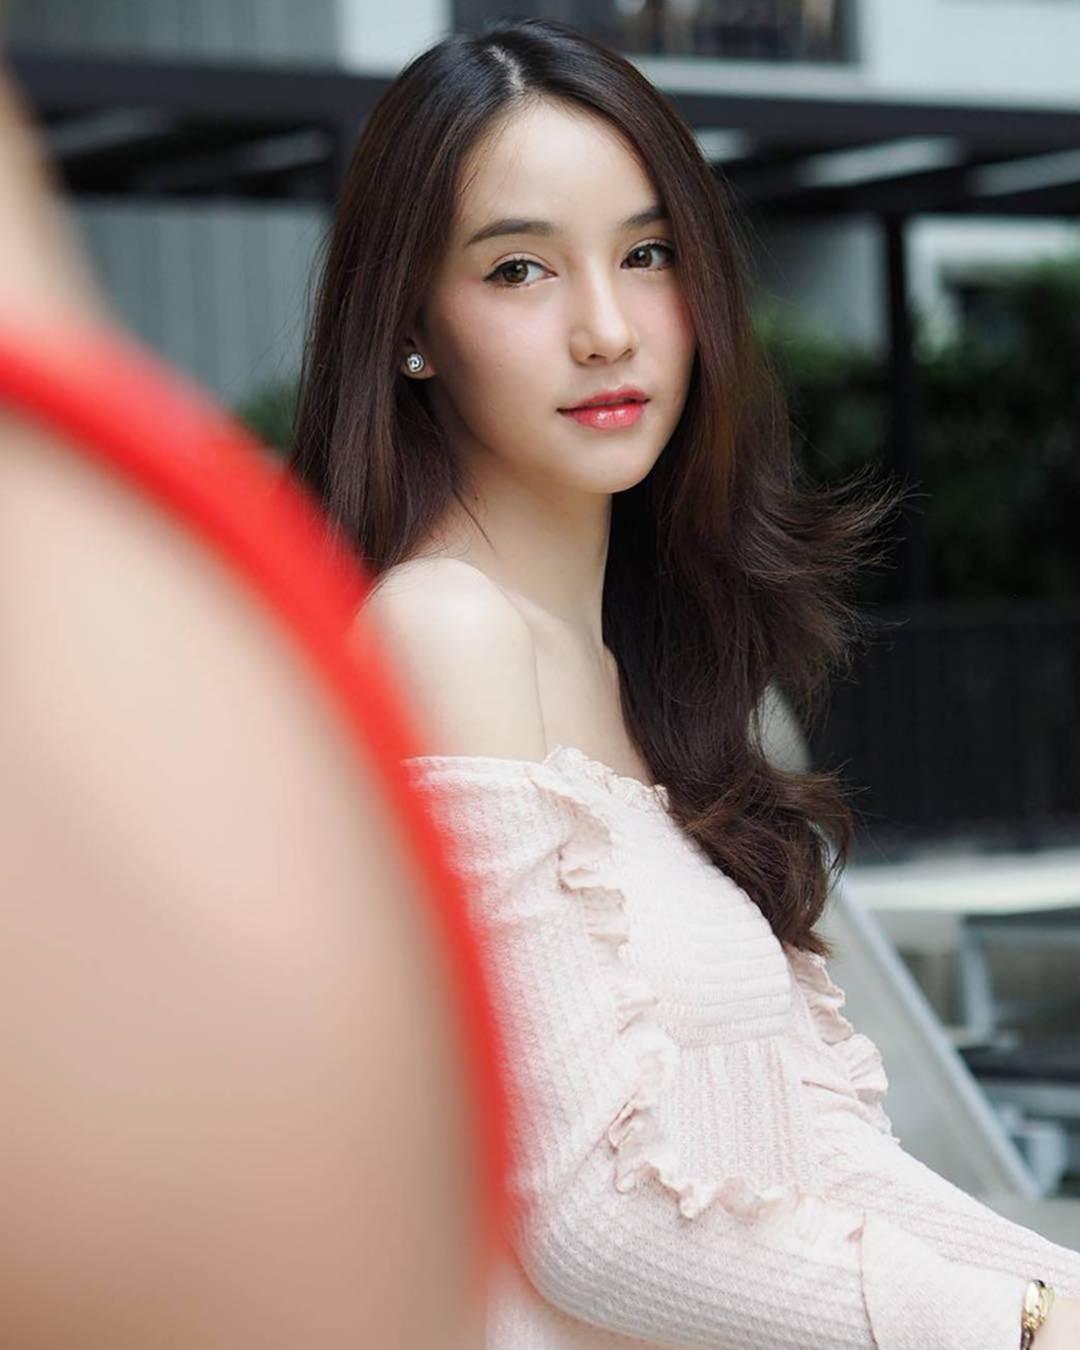 Nhan sắc xinh đẹp của nữ hoàng chuyển giới Thái Lan sau gần 2 năm-14